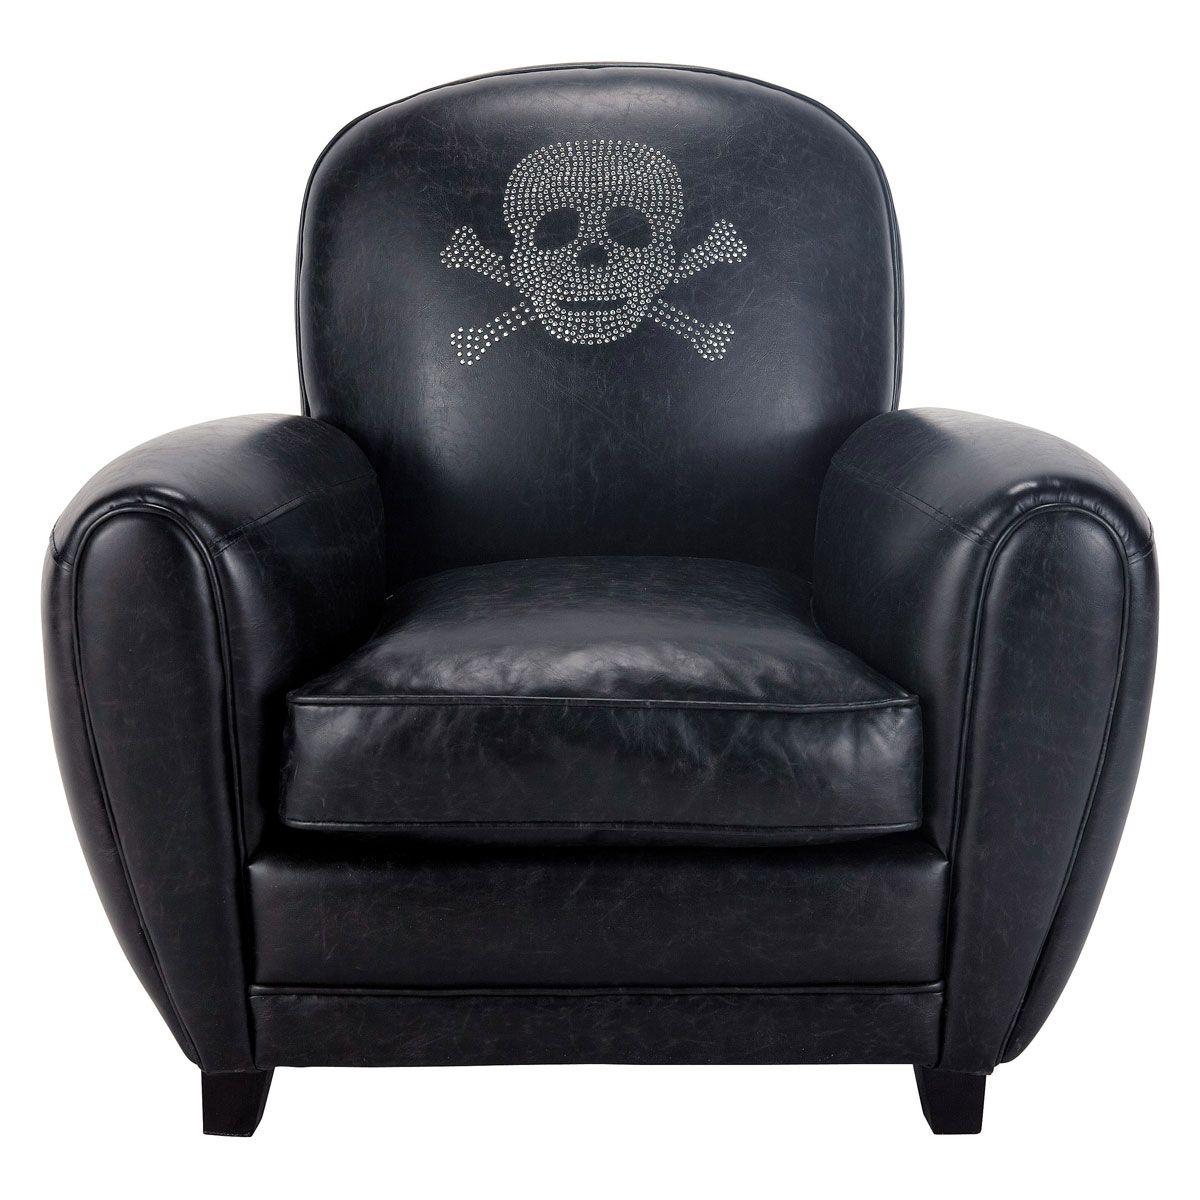 fauteuil aspect cuir noir t te de mort sparrow d co chambre pinterest cuir noir t te de. Black Bedroom Furniture Sets. Home Design Ideas